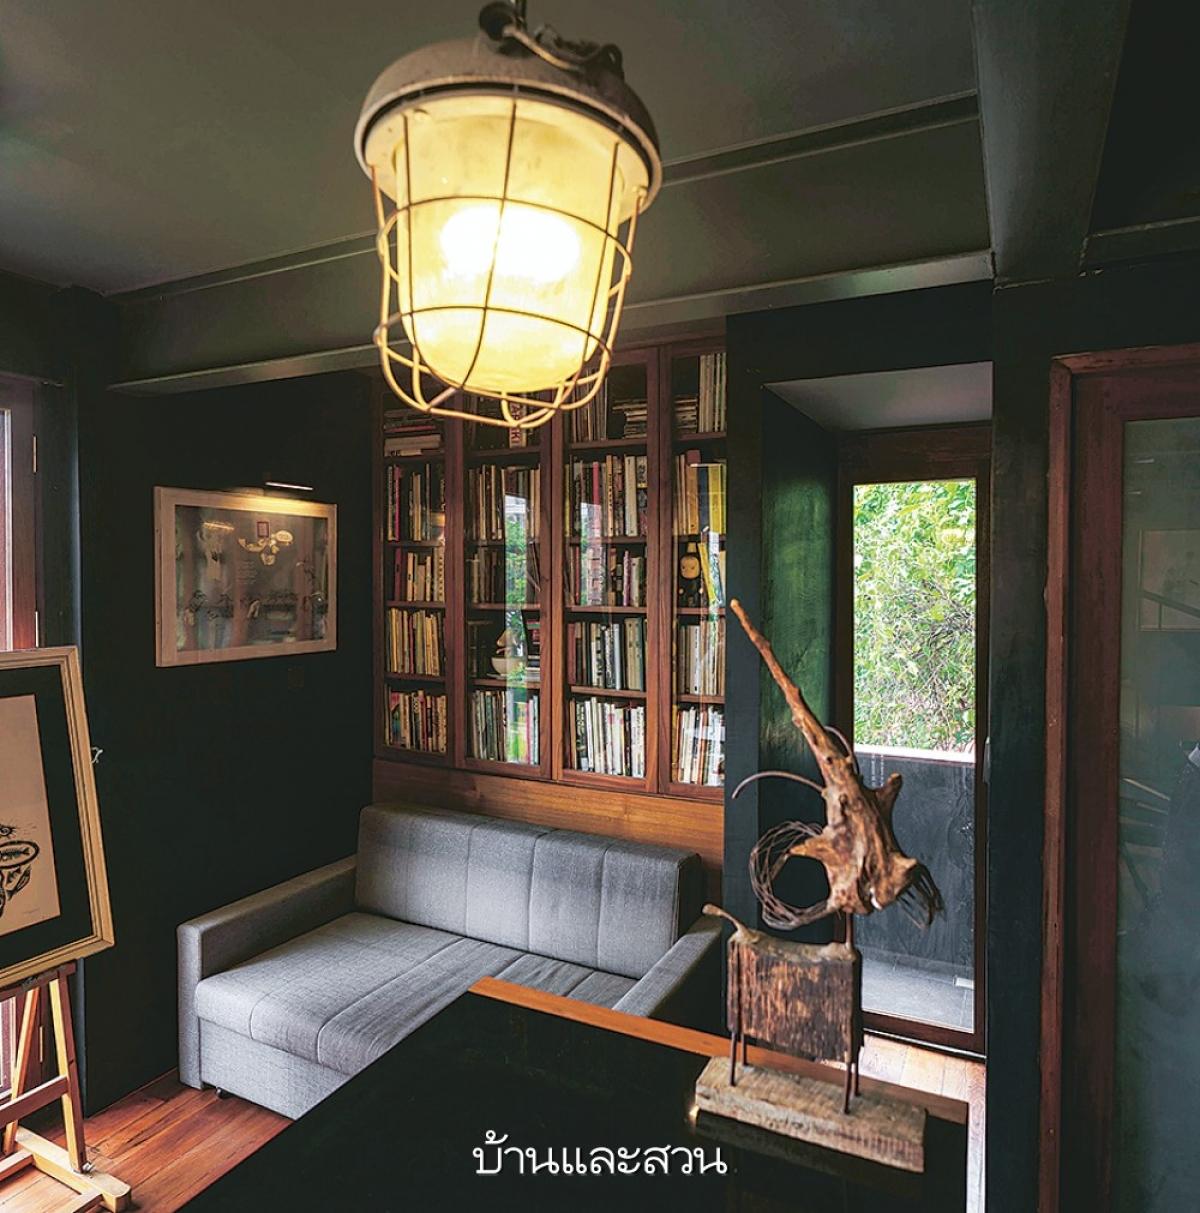 Tủ sách tích hợp như một bức tường, phía trước là chiếc ghế đệm phục vụ nhu cầu sử dụng.